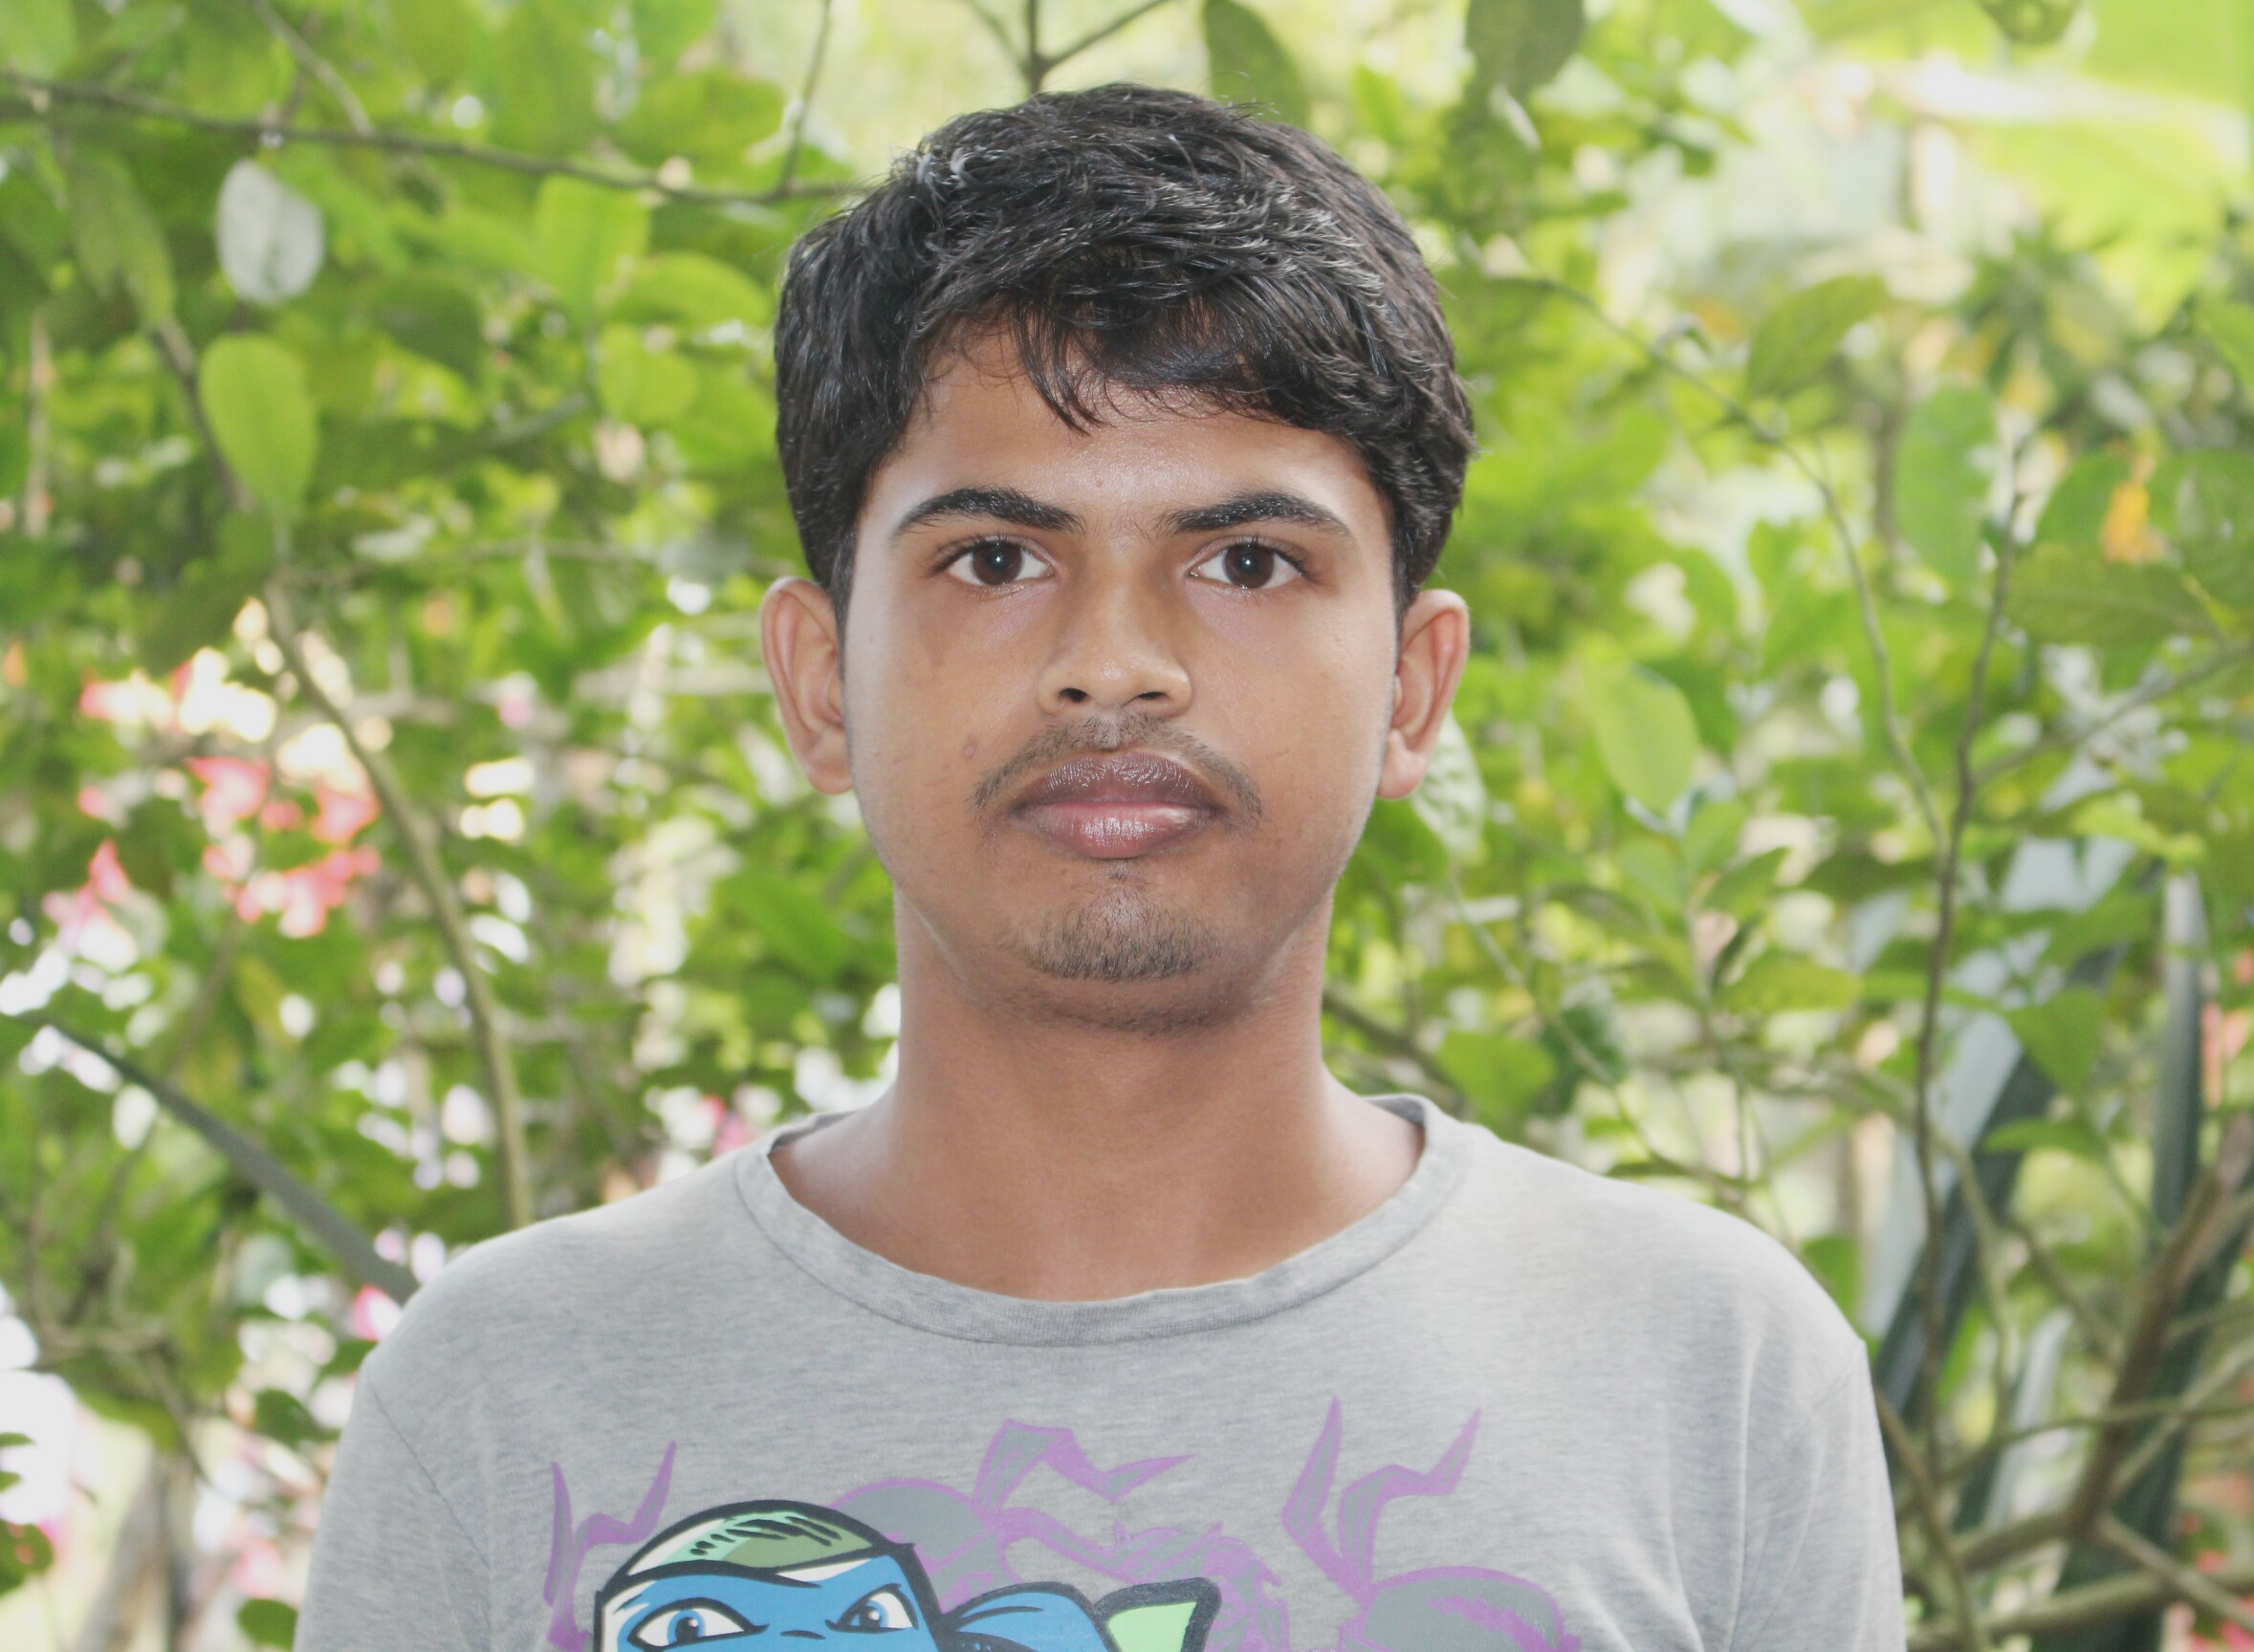 Ahmed Hosen Jony